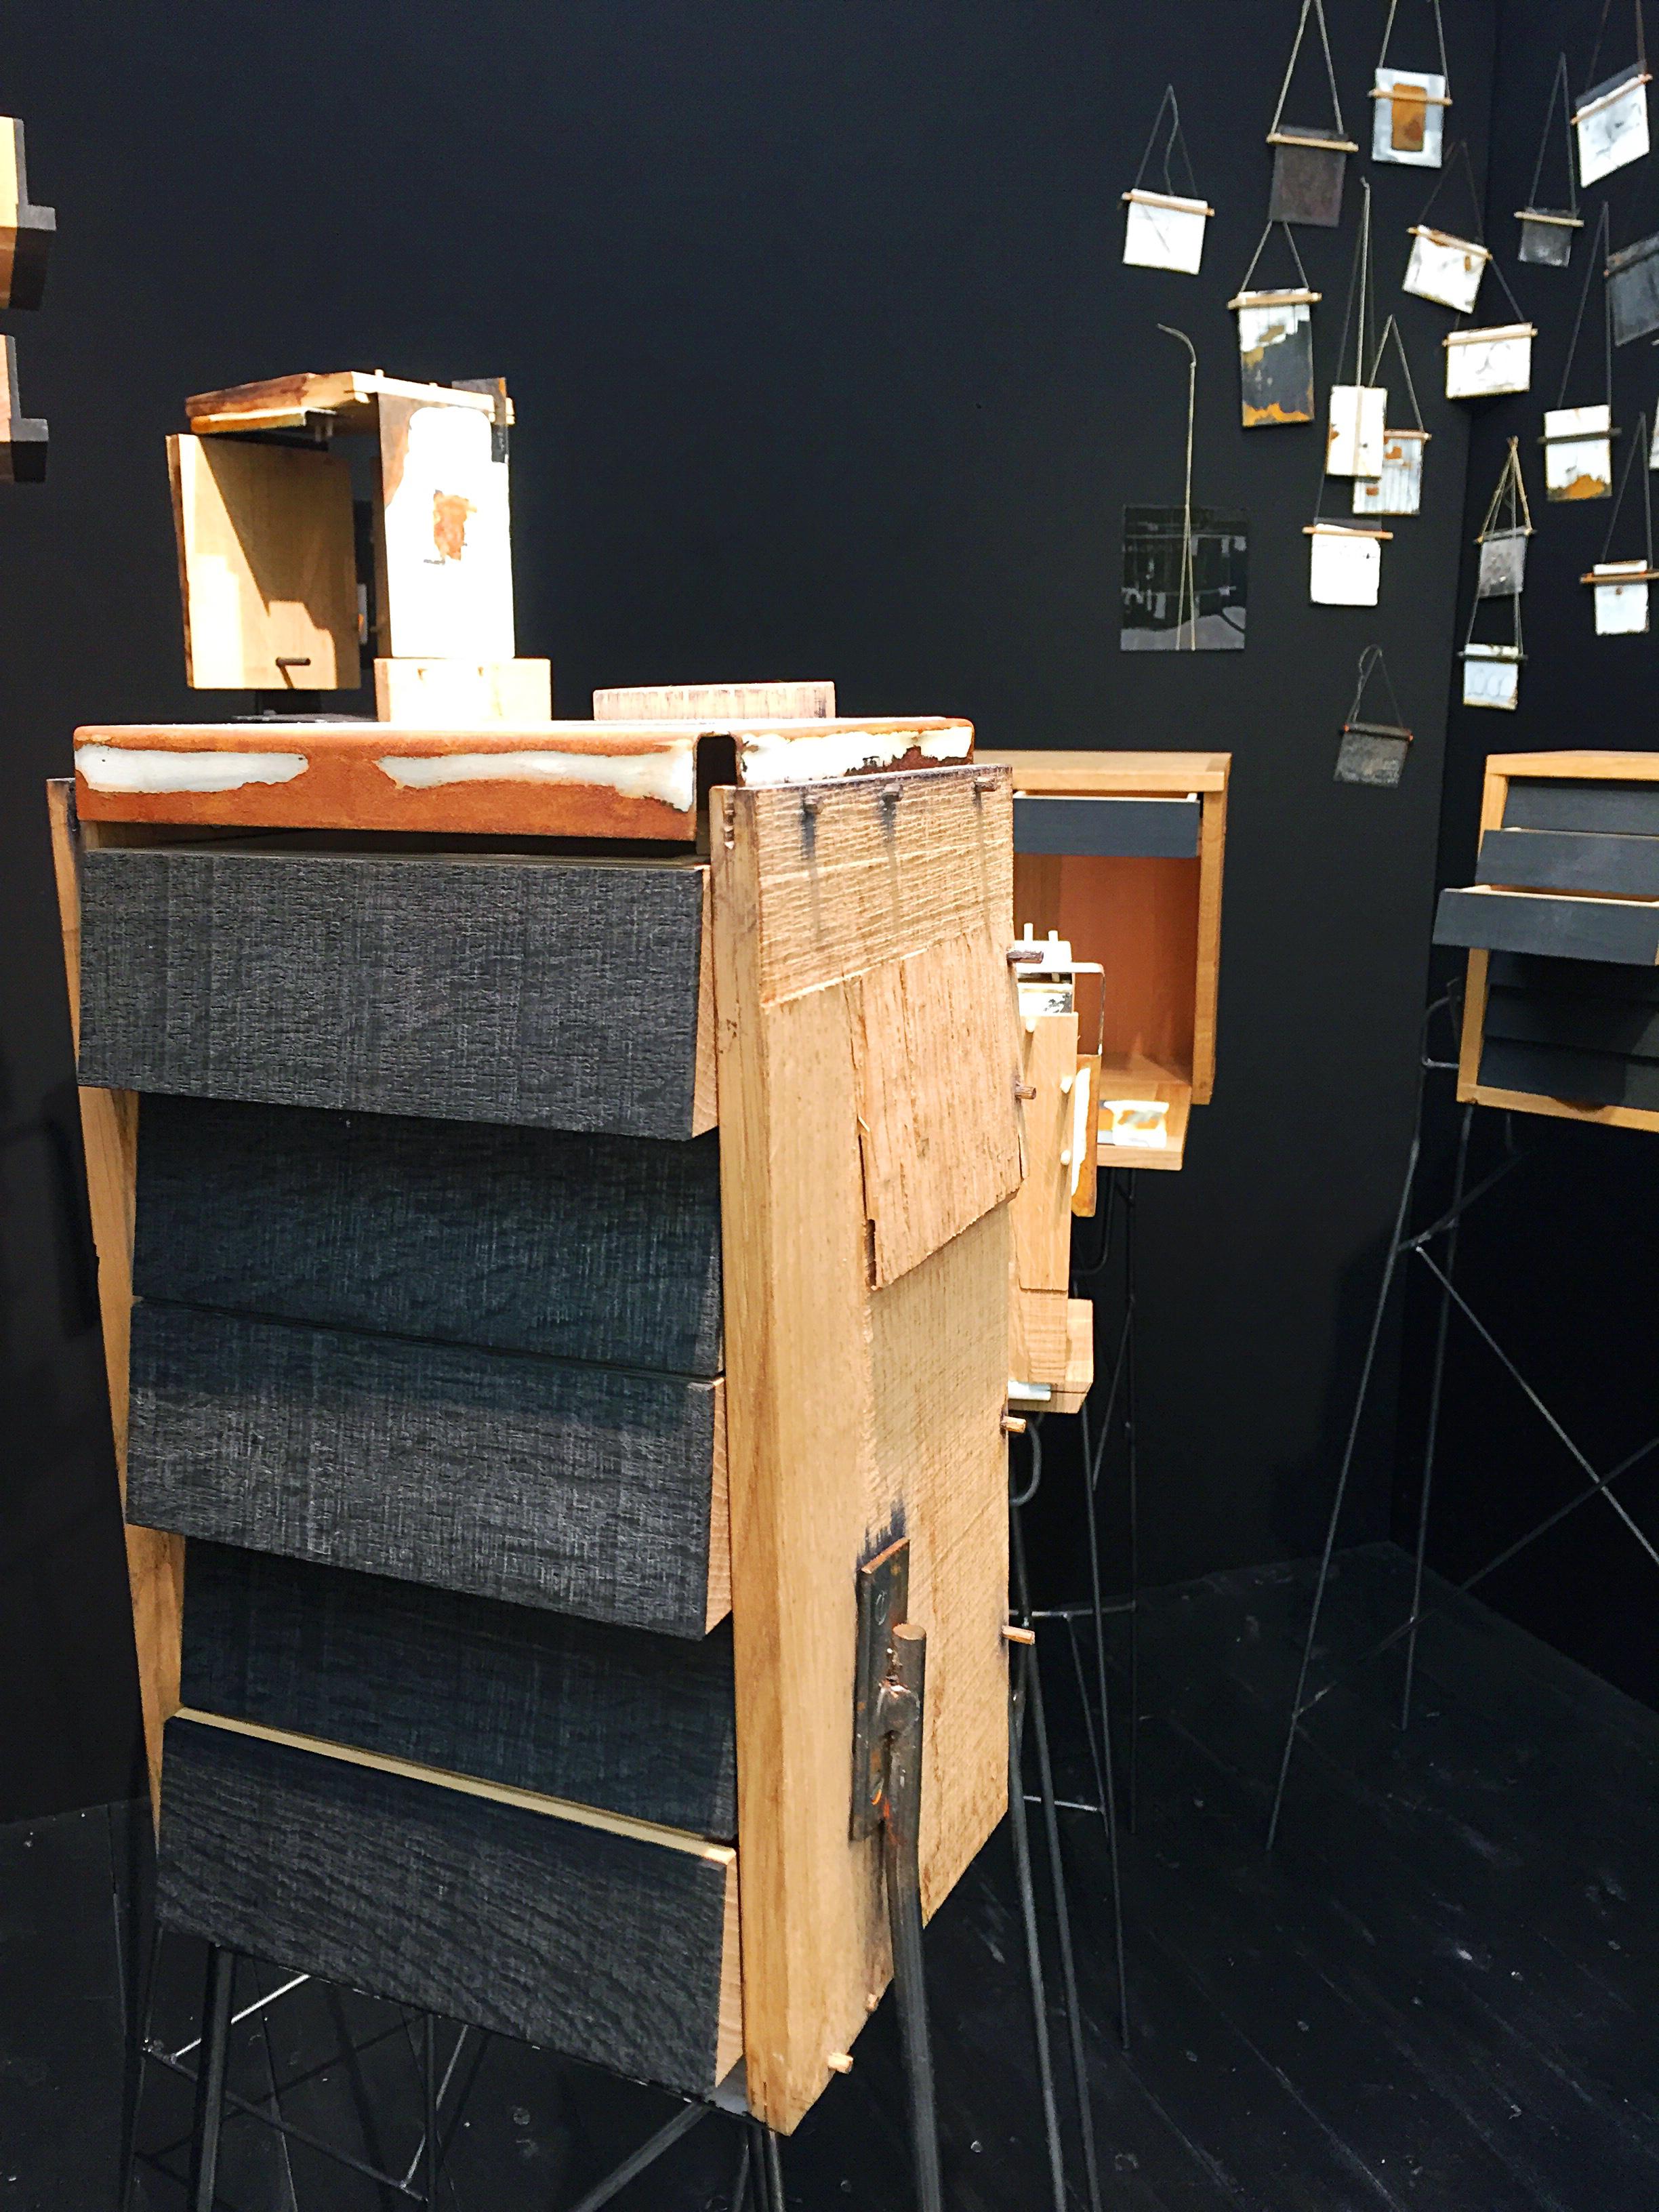 David Gates at Sarah Myerscough Gallery